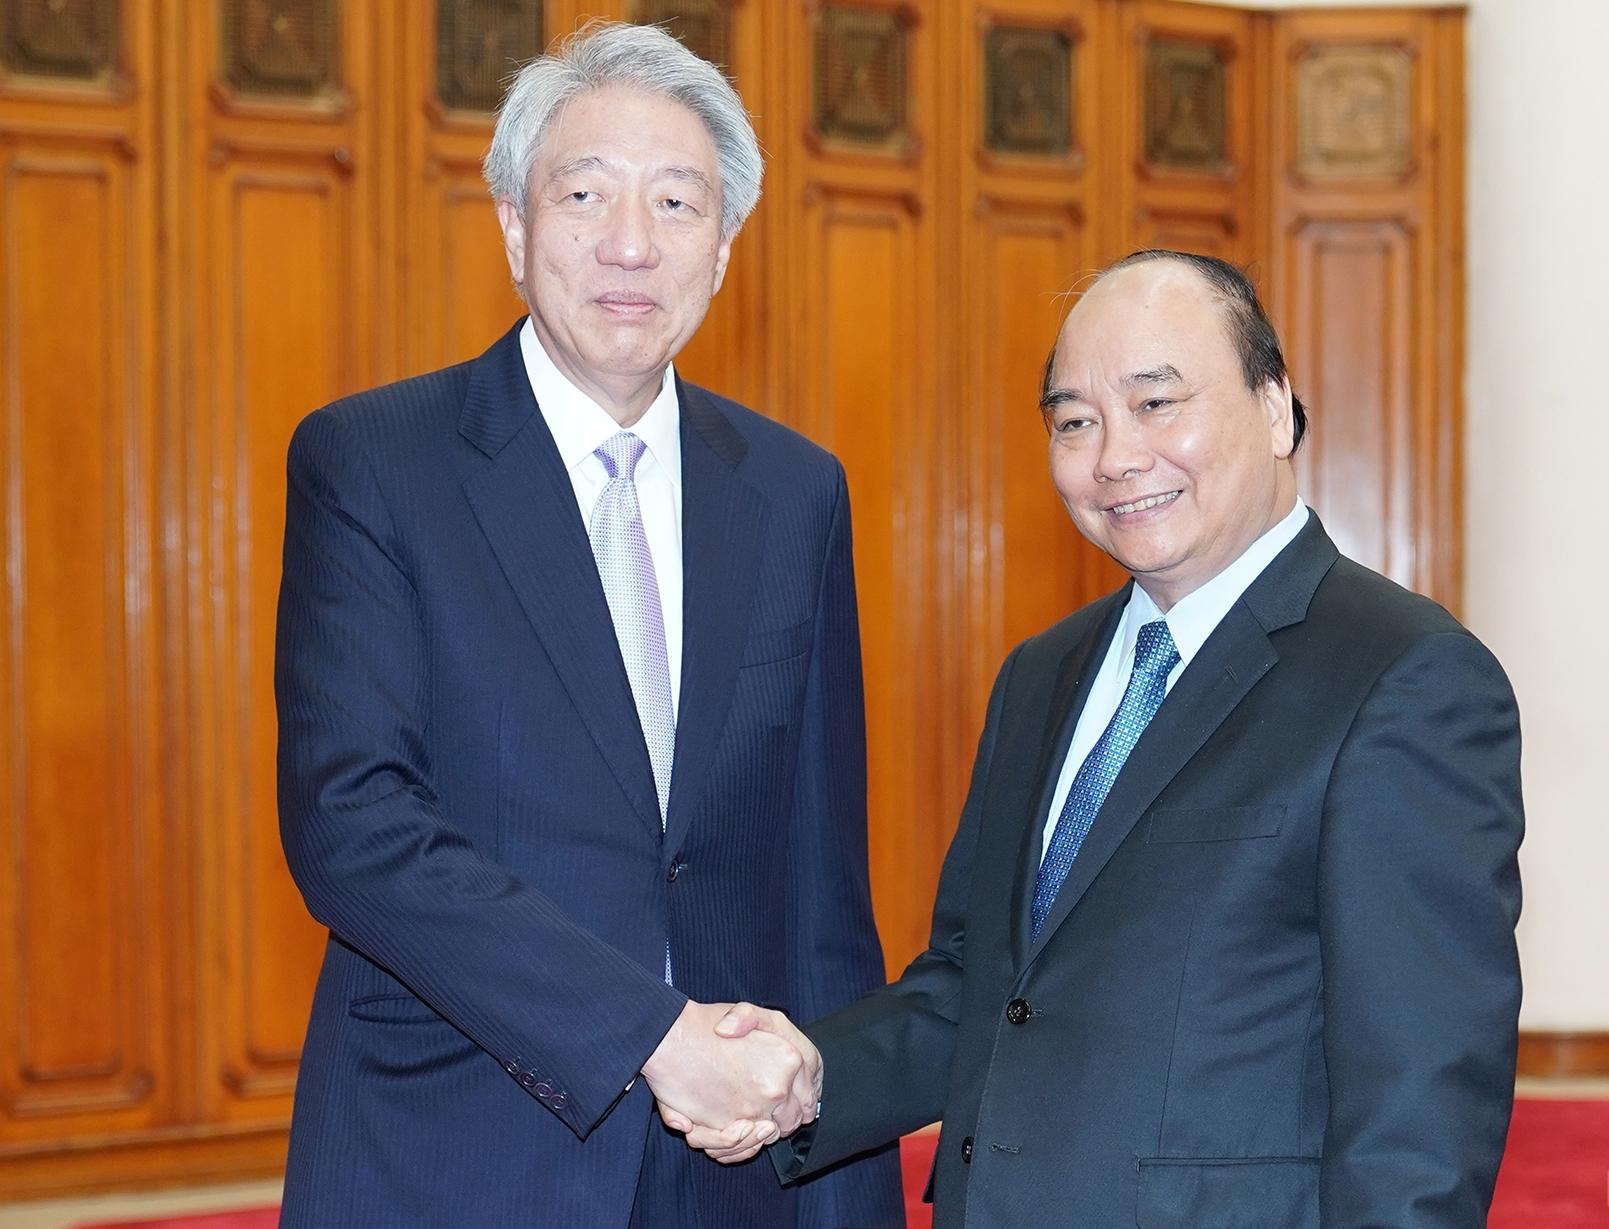 Đẩy mạnh hợp tác về đổi mới sáng tạo Việt Nam - Singapore